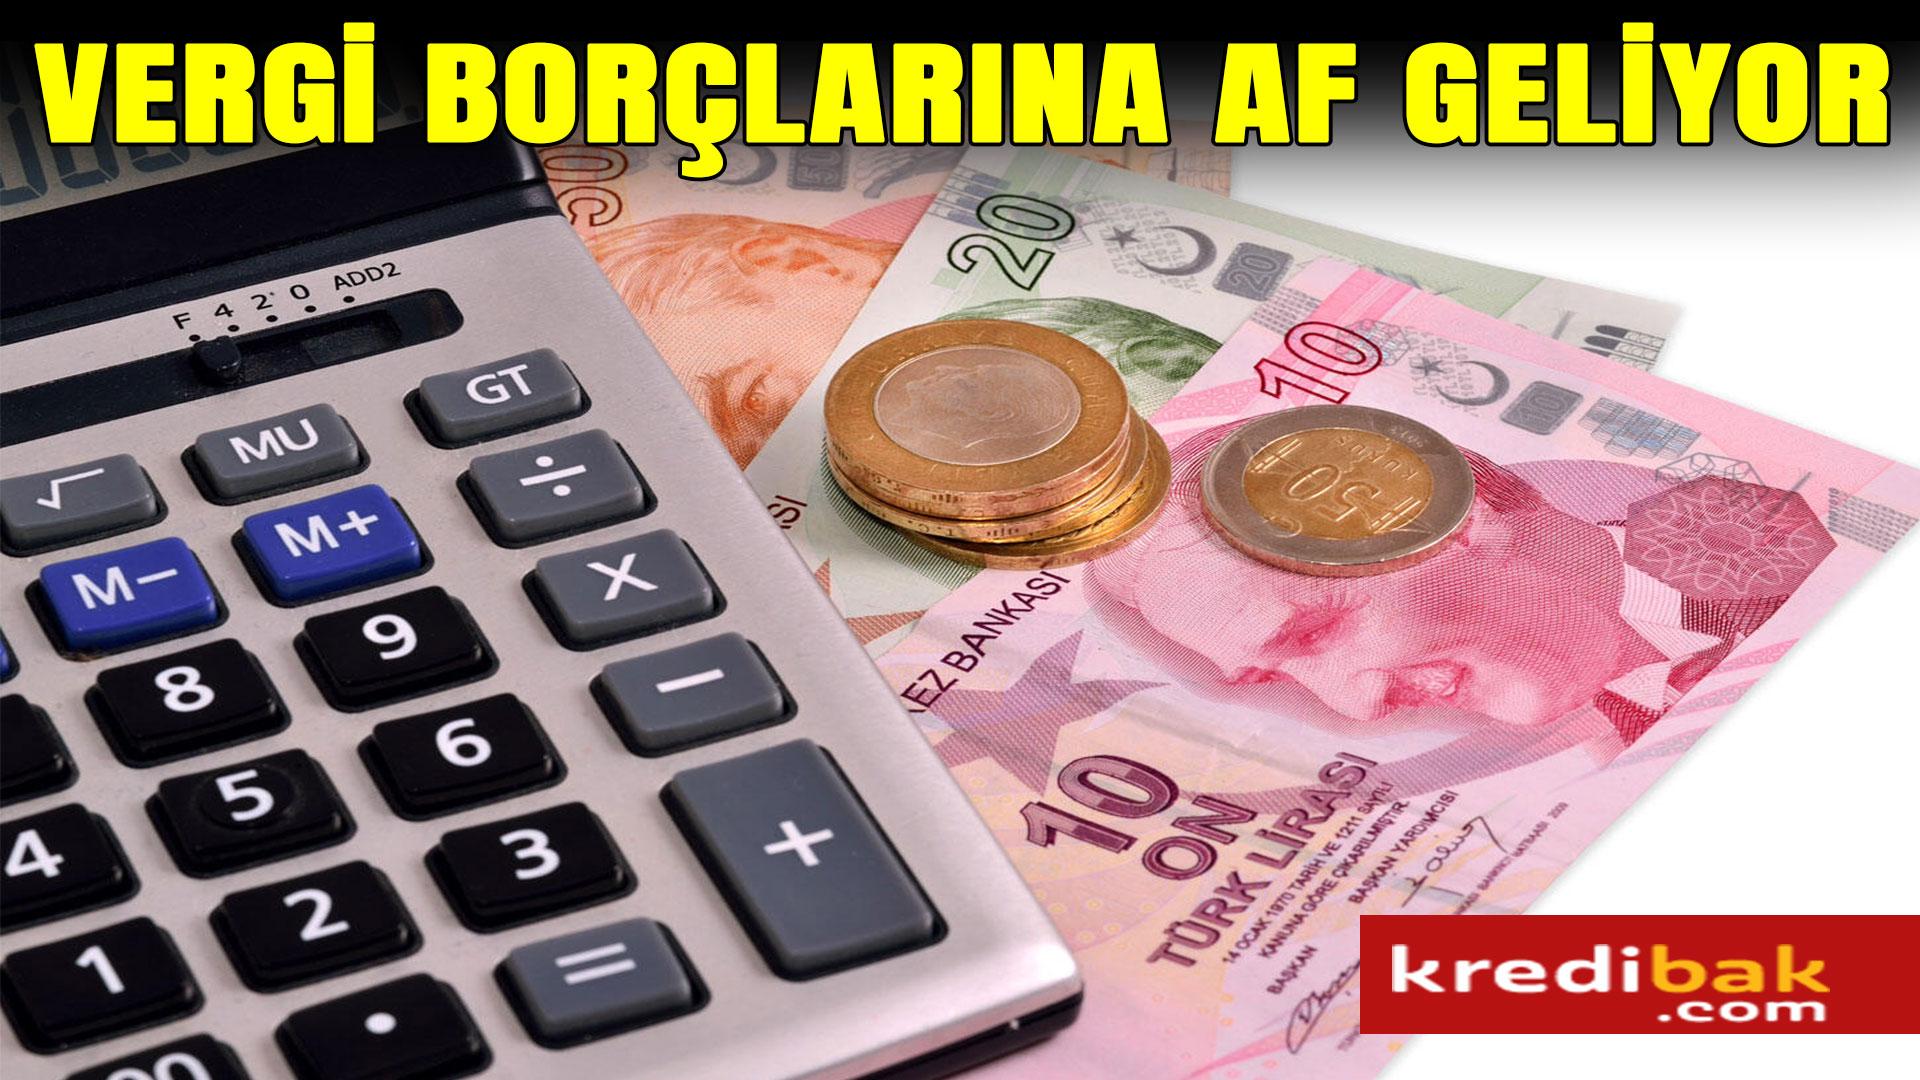 VERGİ-BORÇLARINA-AF-GELİYOR